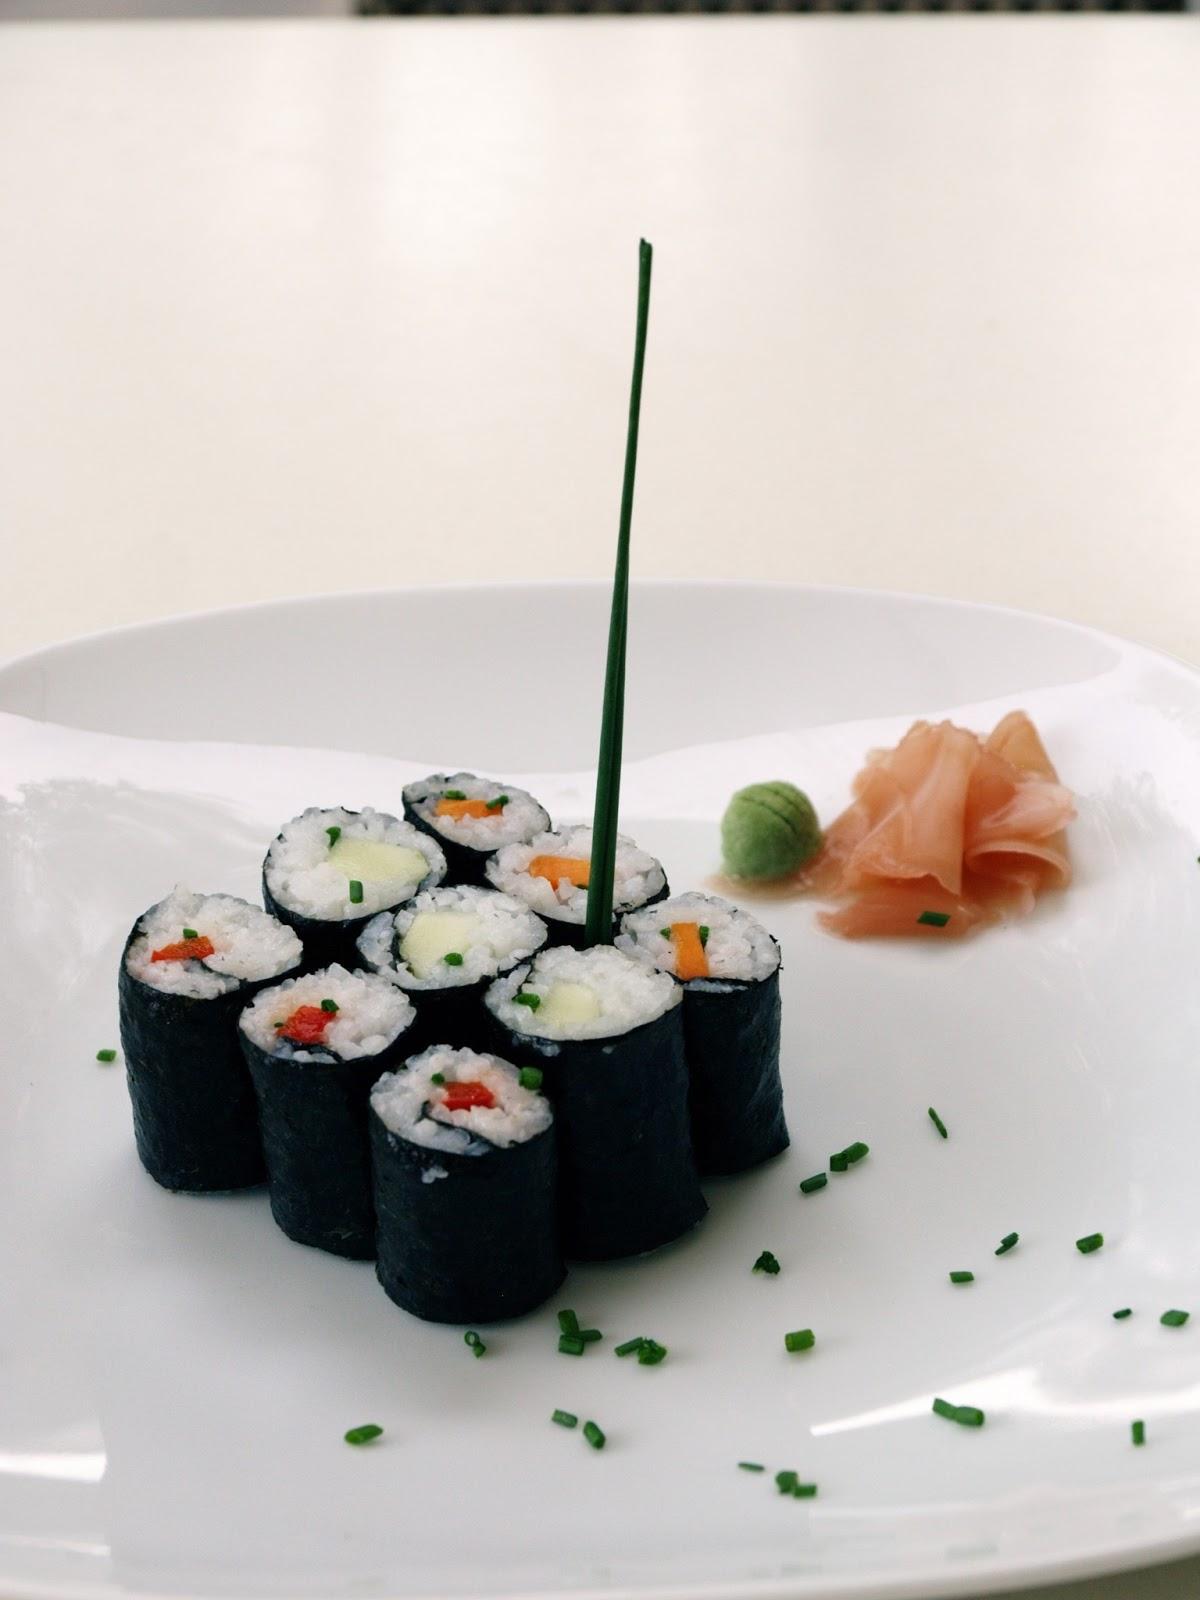 Centro calima noticias curso de cocina vegetariana - Cursos de cocina en valencia gratis ...